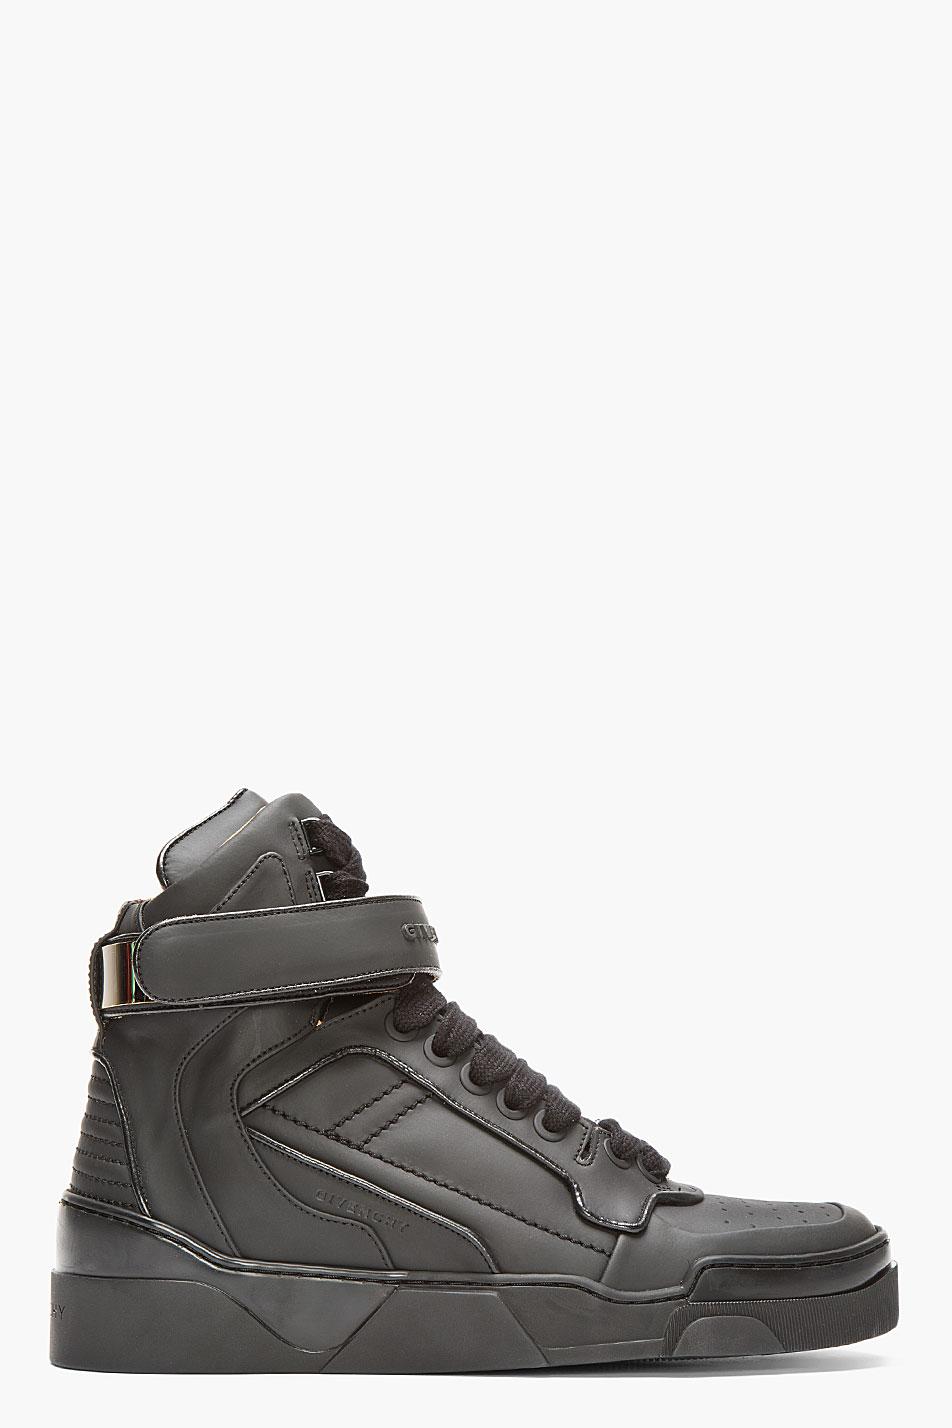 Matte Black × Metal Velcro strap givenchy sneakers 1